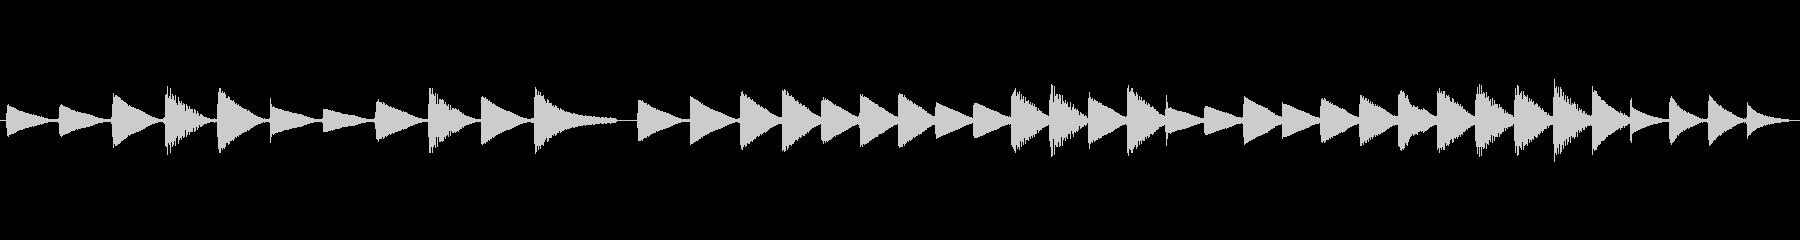 長く鳴るビープ音シーケンスの未再生の波形